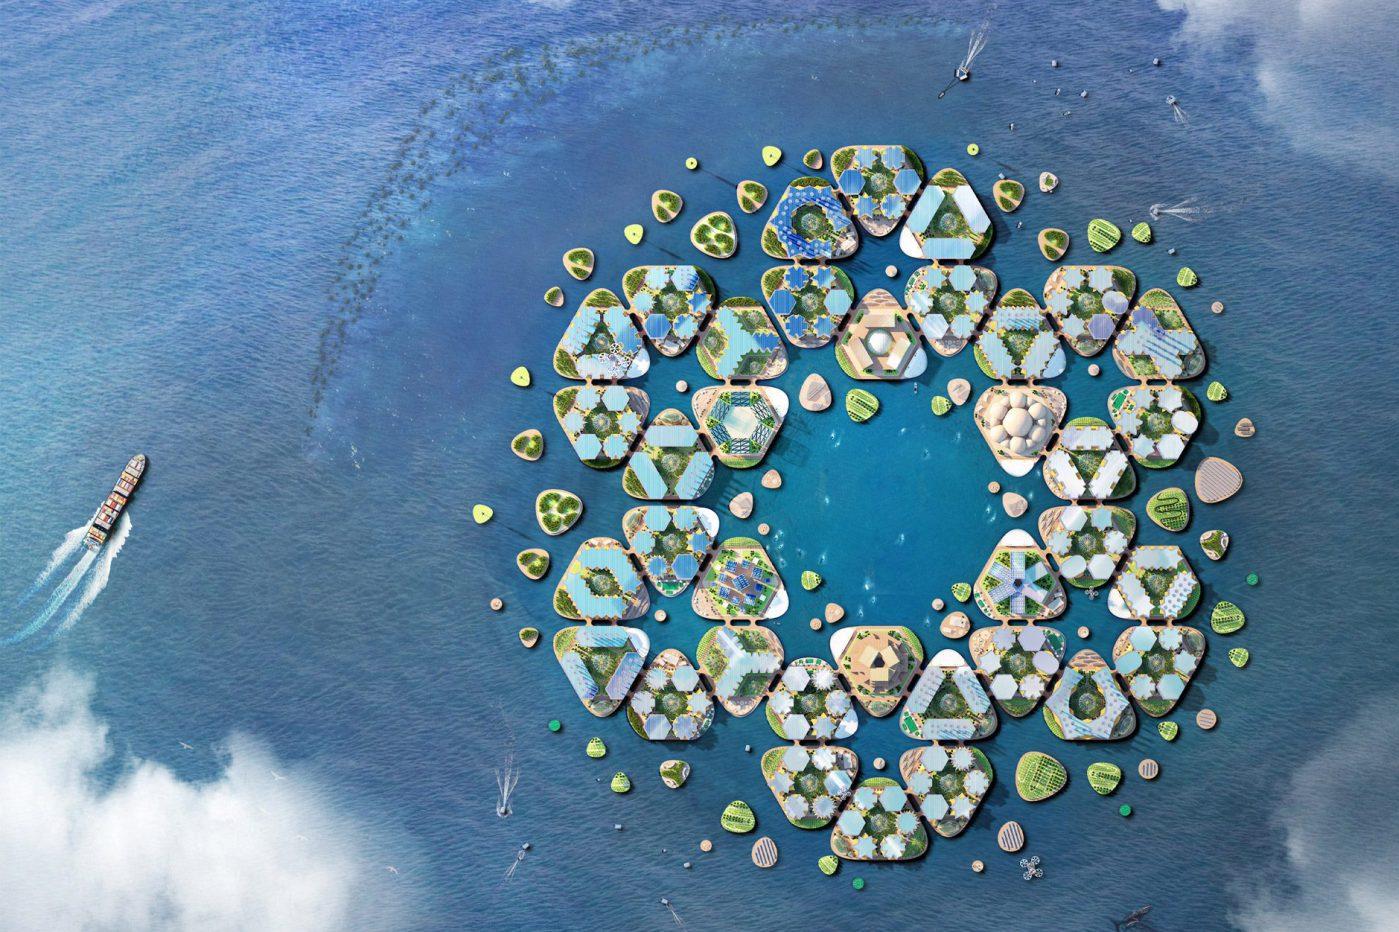 Face au changement climatique, l'option des villes flottantes